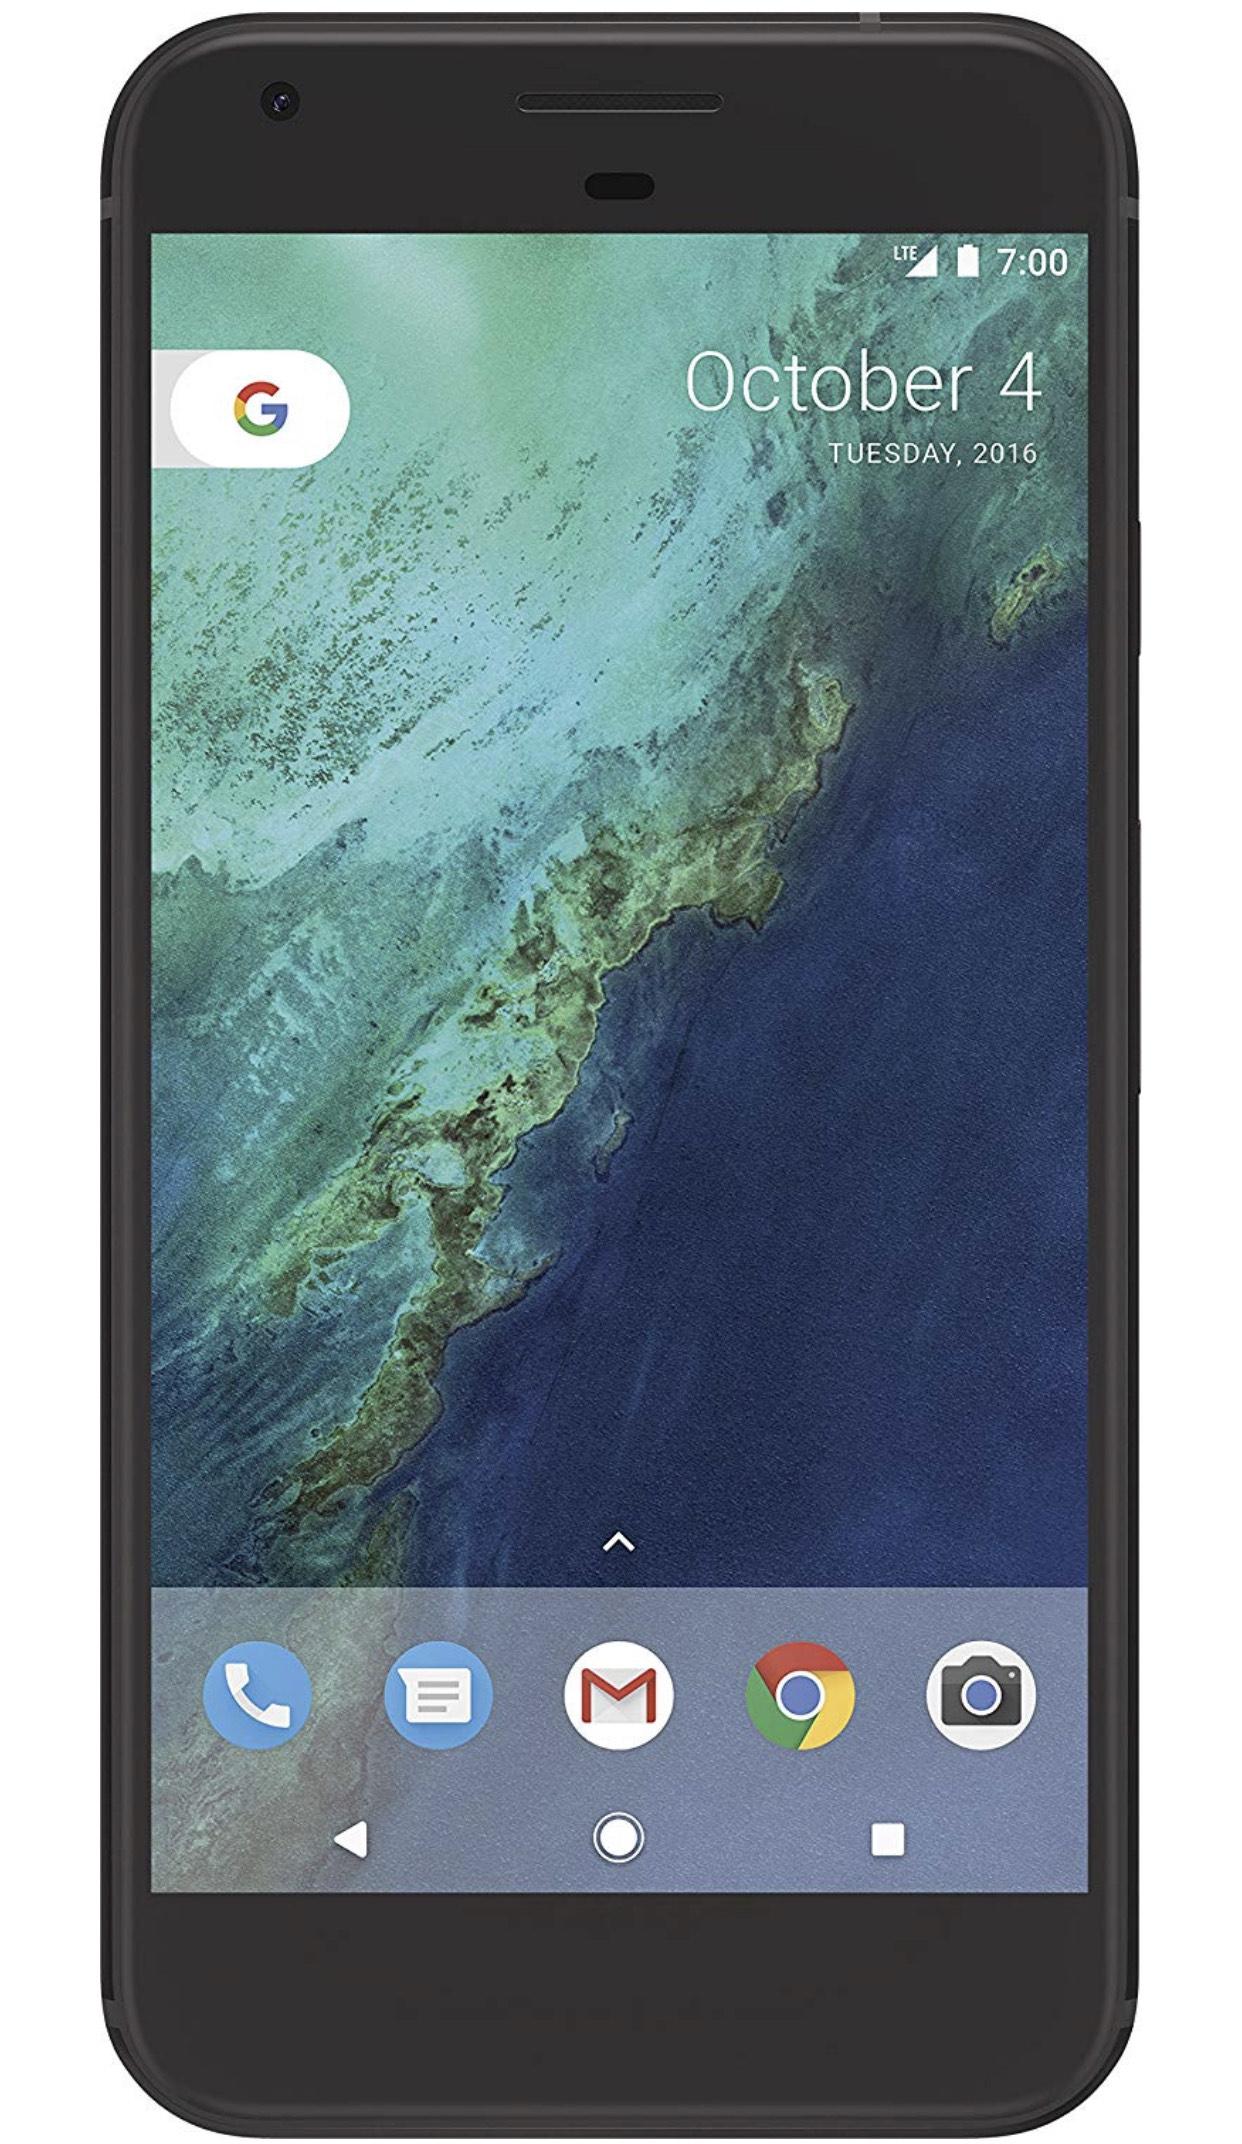 Google Pixel XL 128Gb más barato que el modelo de 32Gb